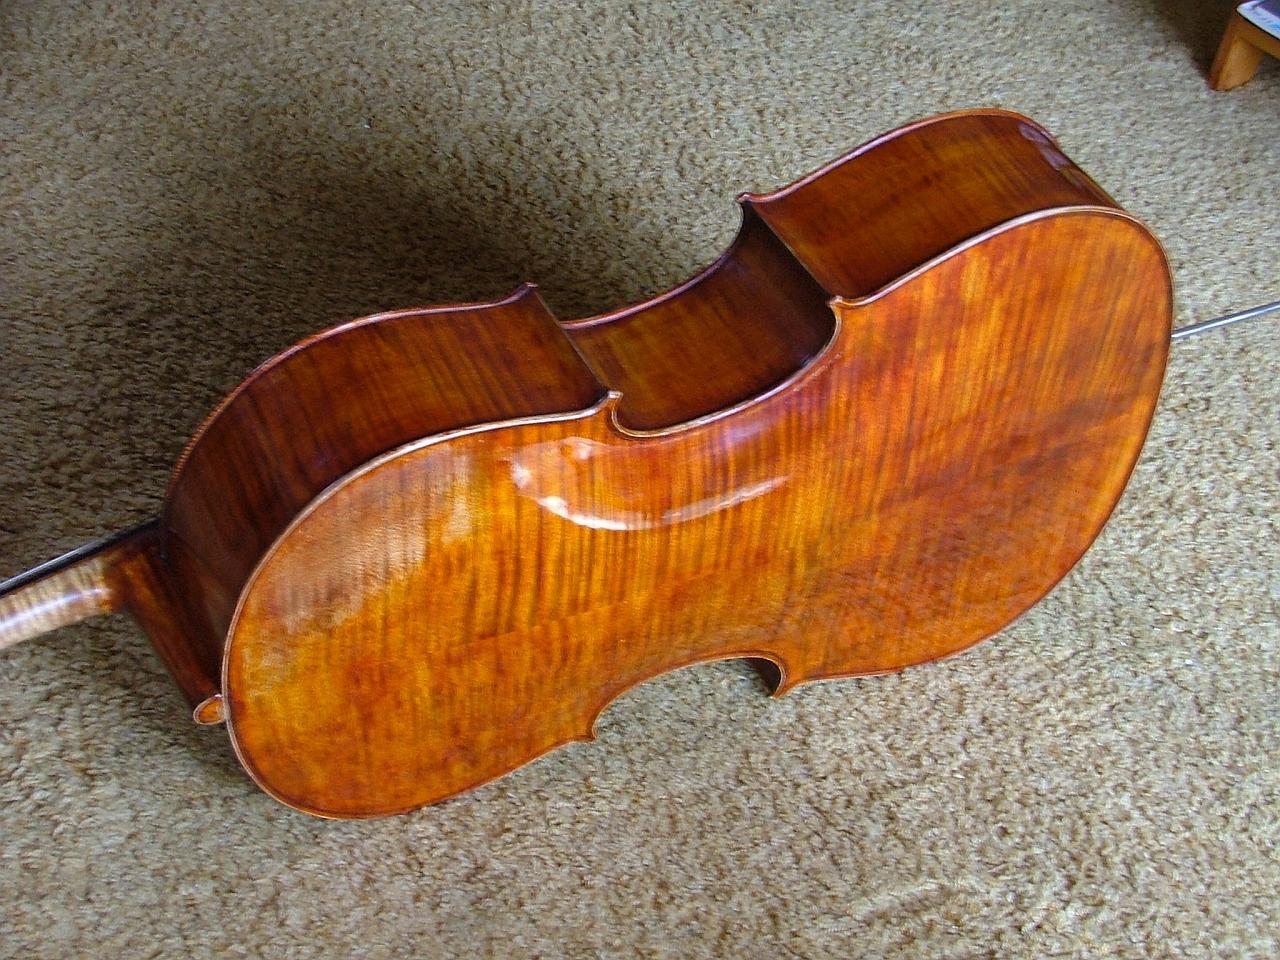 Giuseppe Carlo Bobbi - Violoncello foto 3